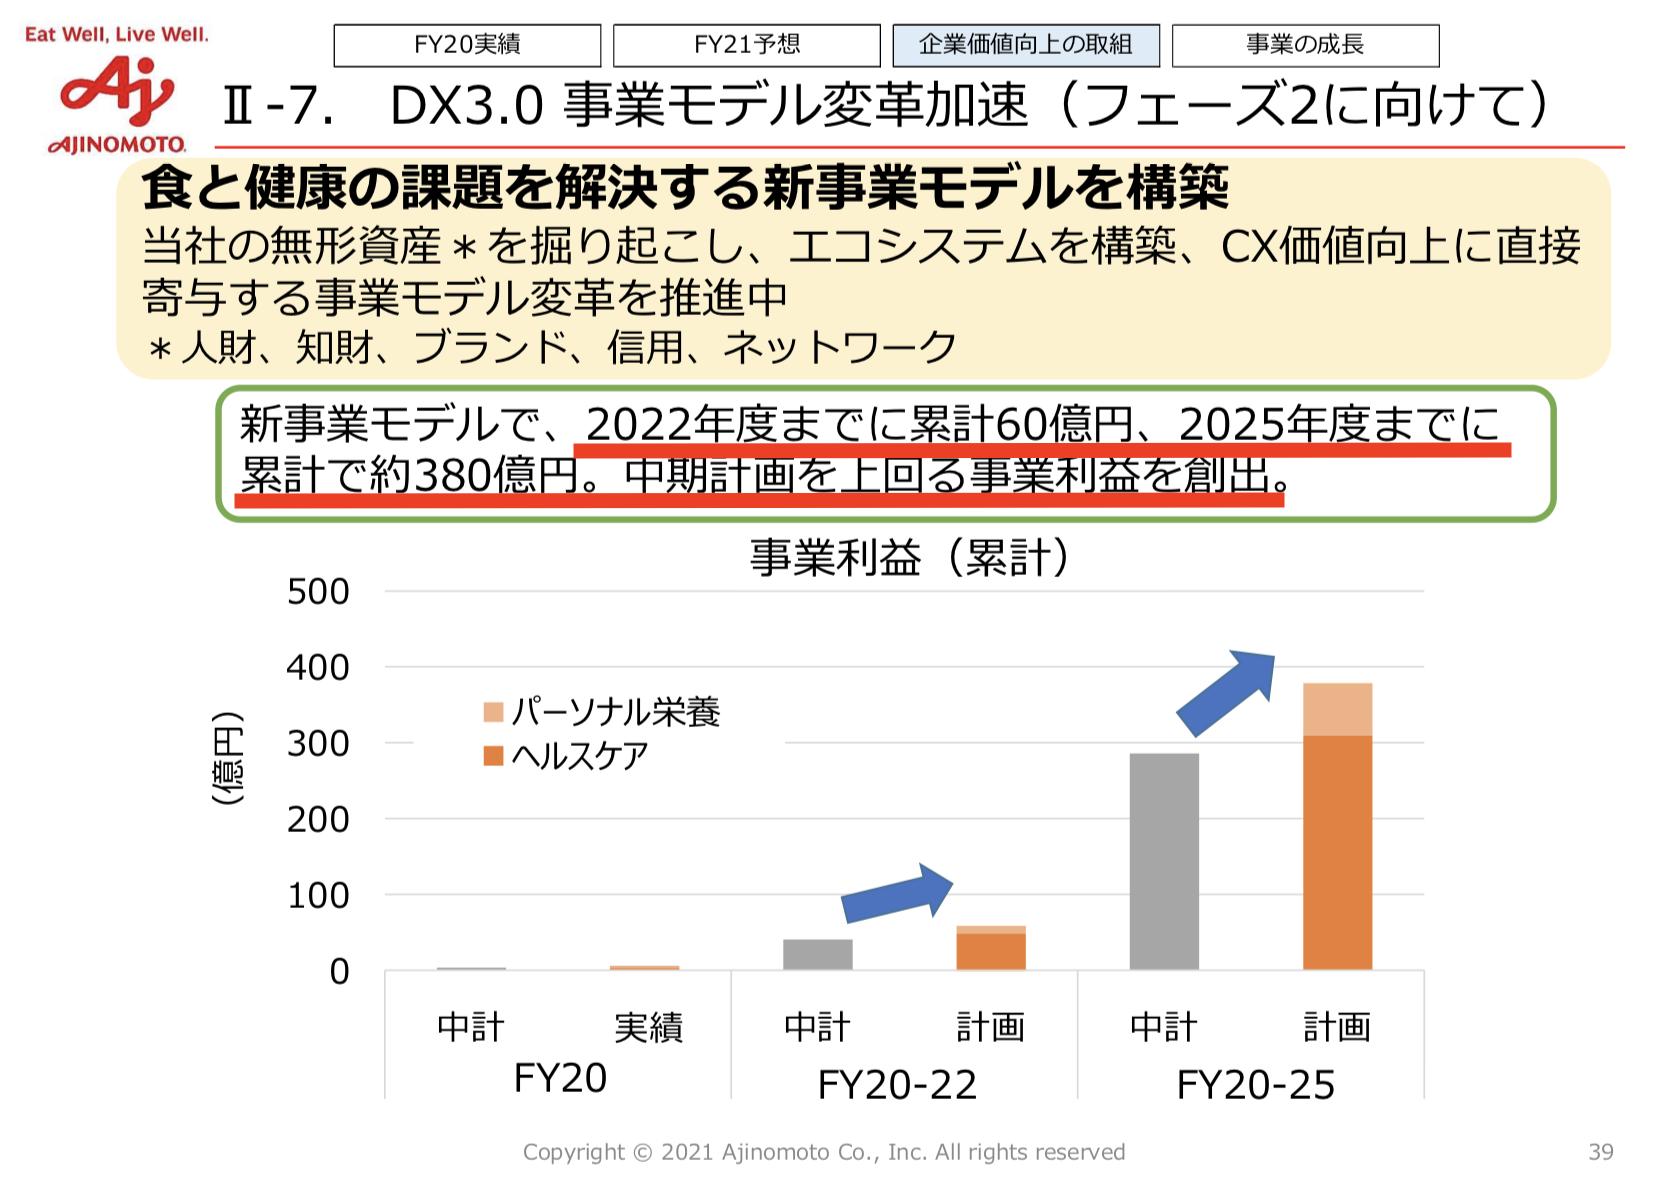 味の素株式会社(2802) 2022年3月期業績予想および 企業価値向上に向けた取組み